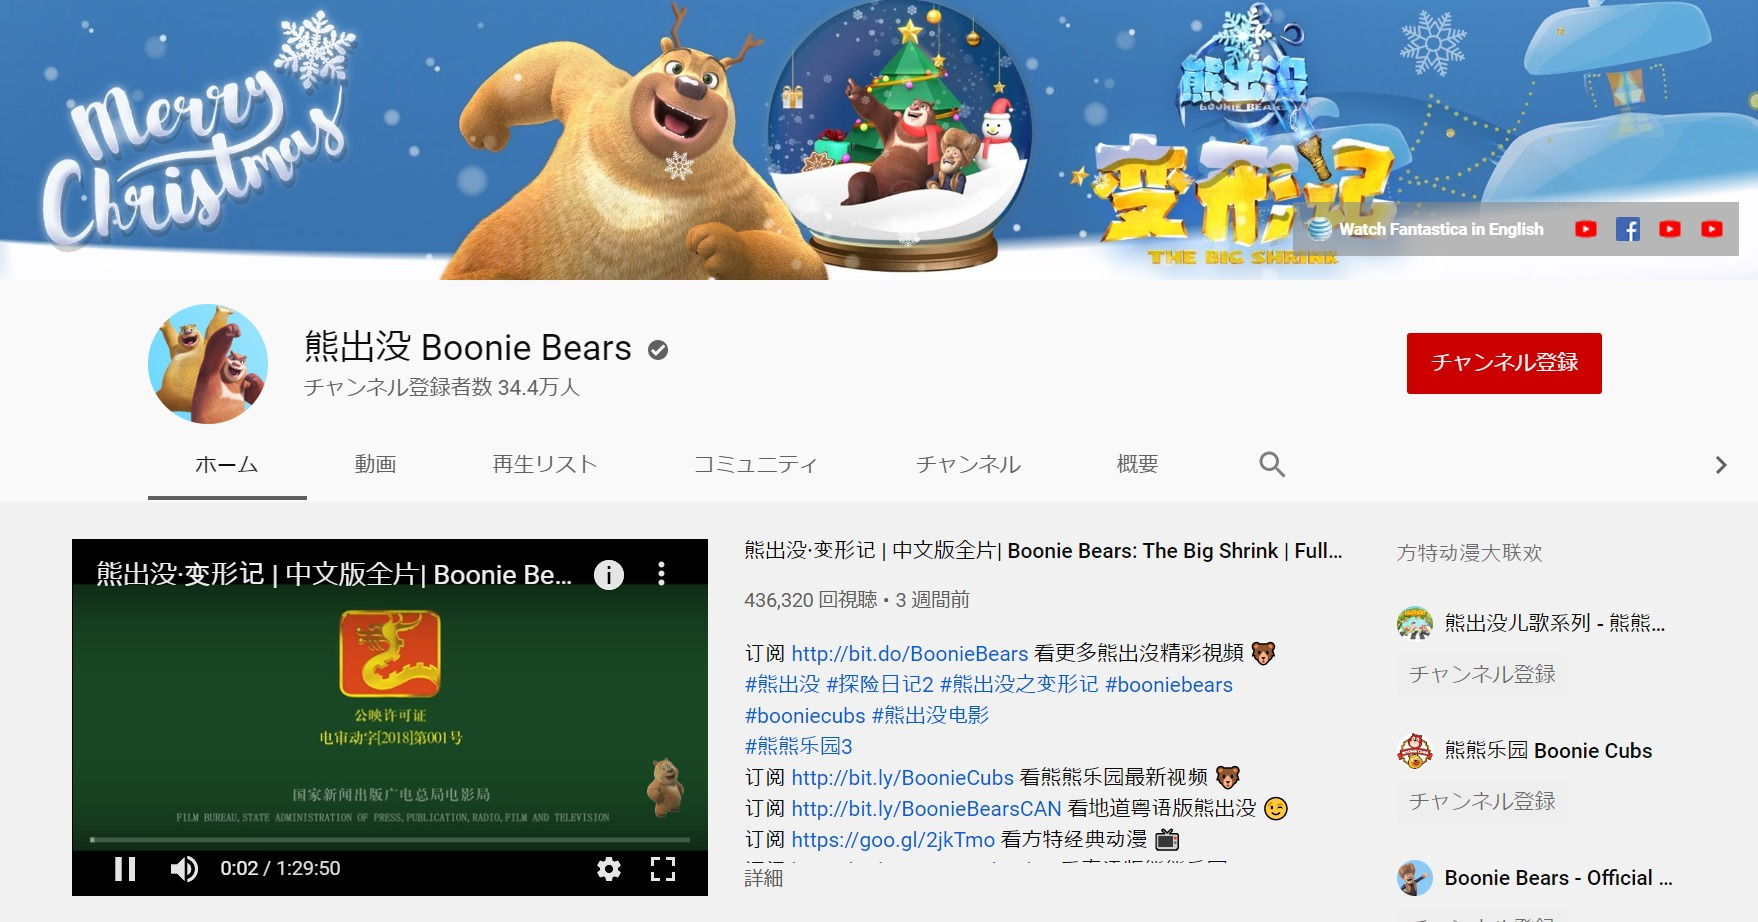 熊出没のYouTubeチャンネル